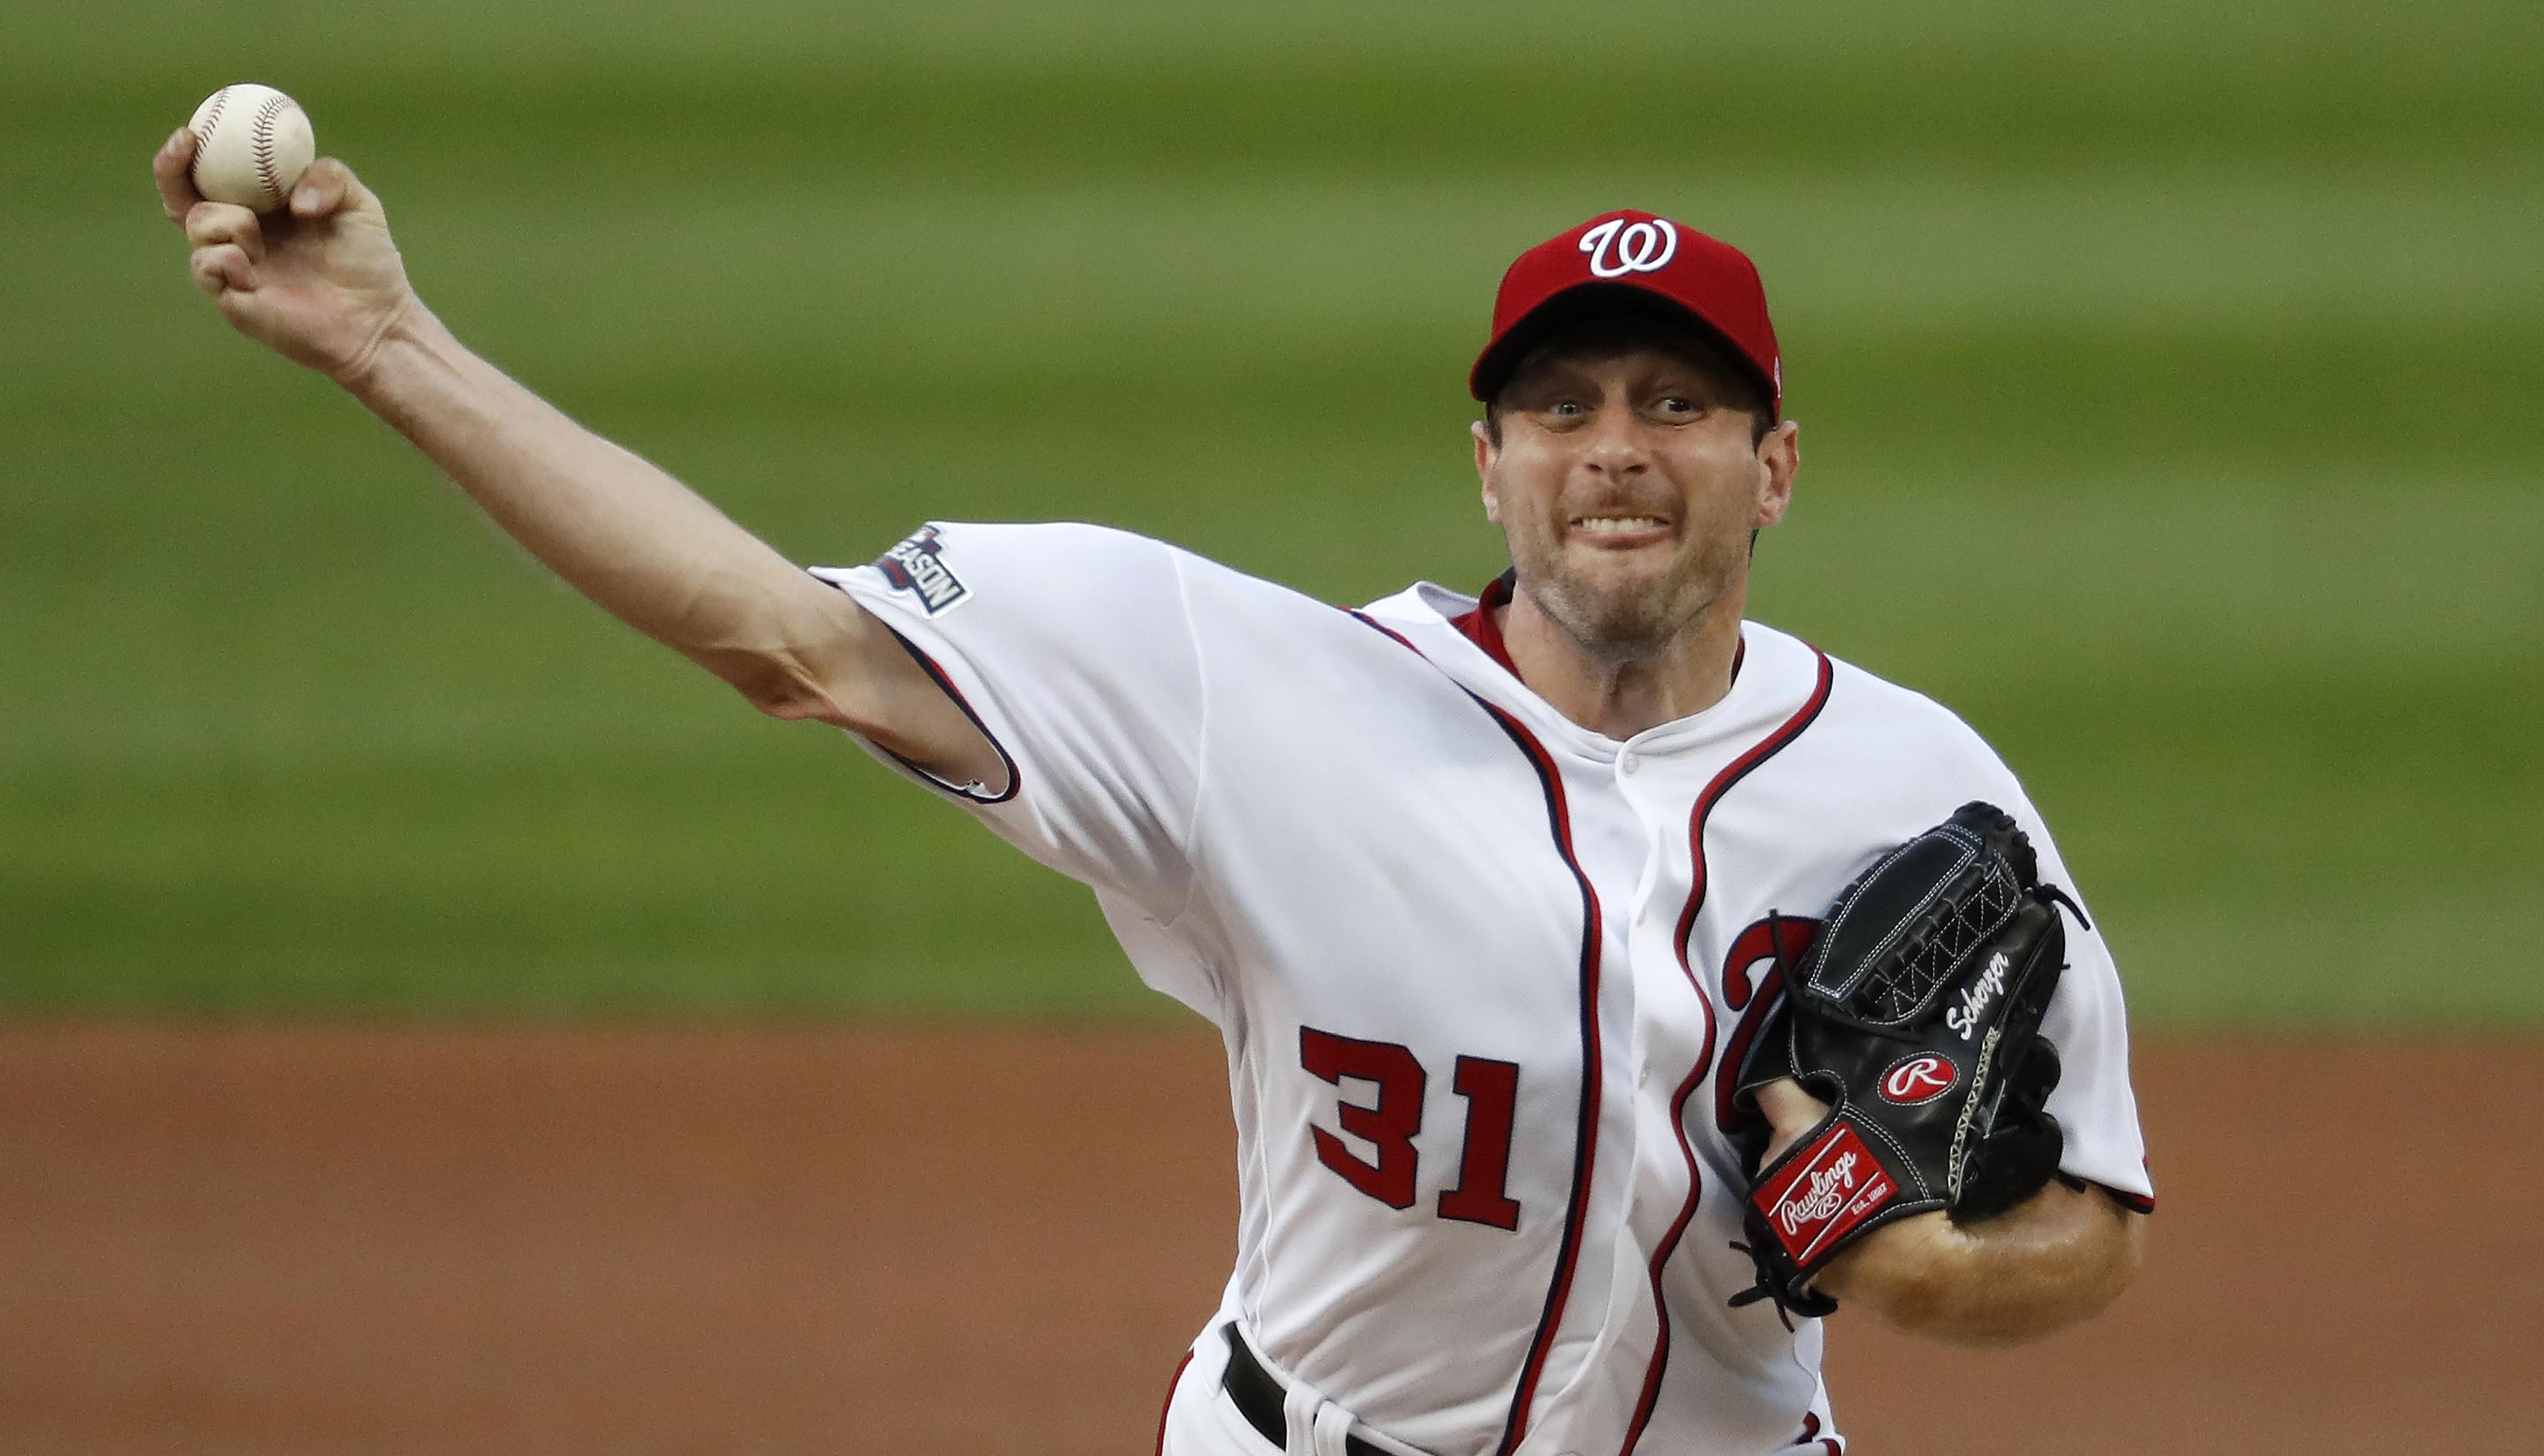 Max Scherzer Jewish, Max Scherzer eyes, Max Scherzer no hitters, Washington Nationals playoffs, Max Scherzer stats